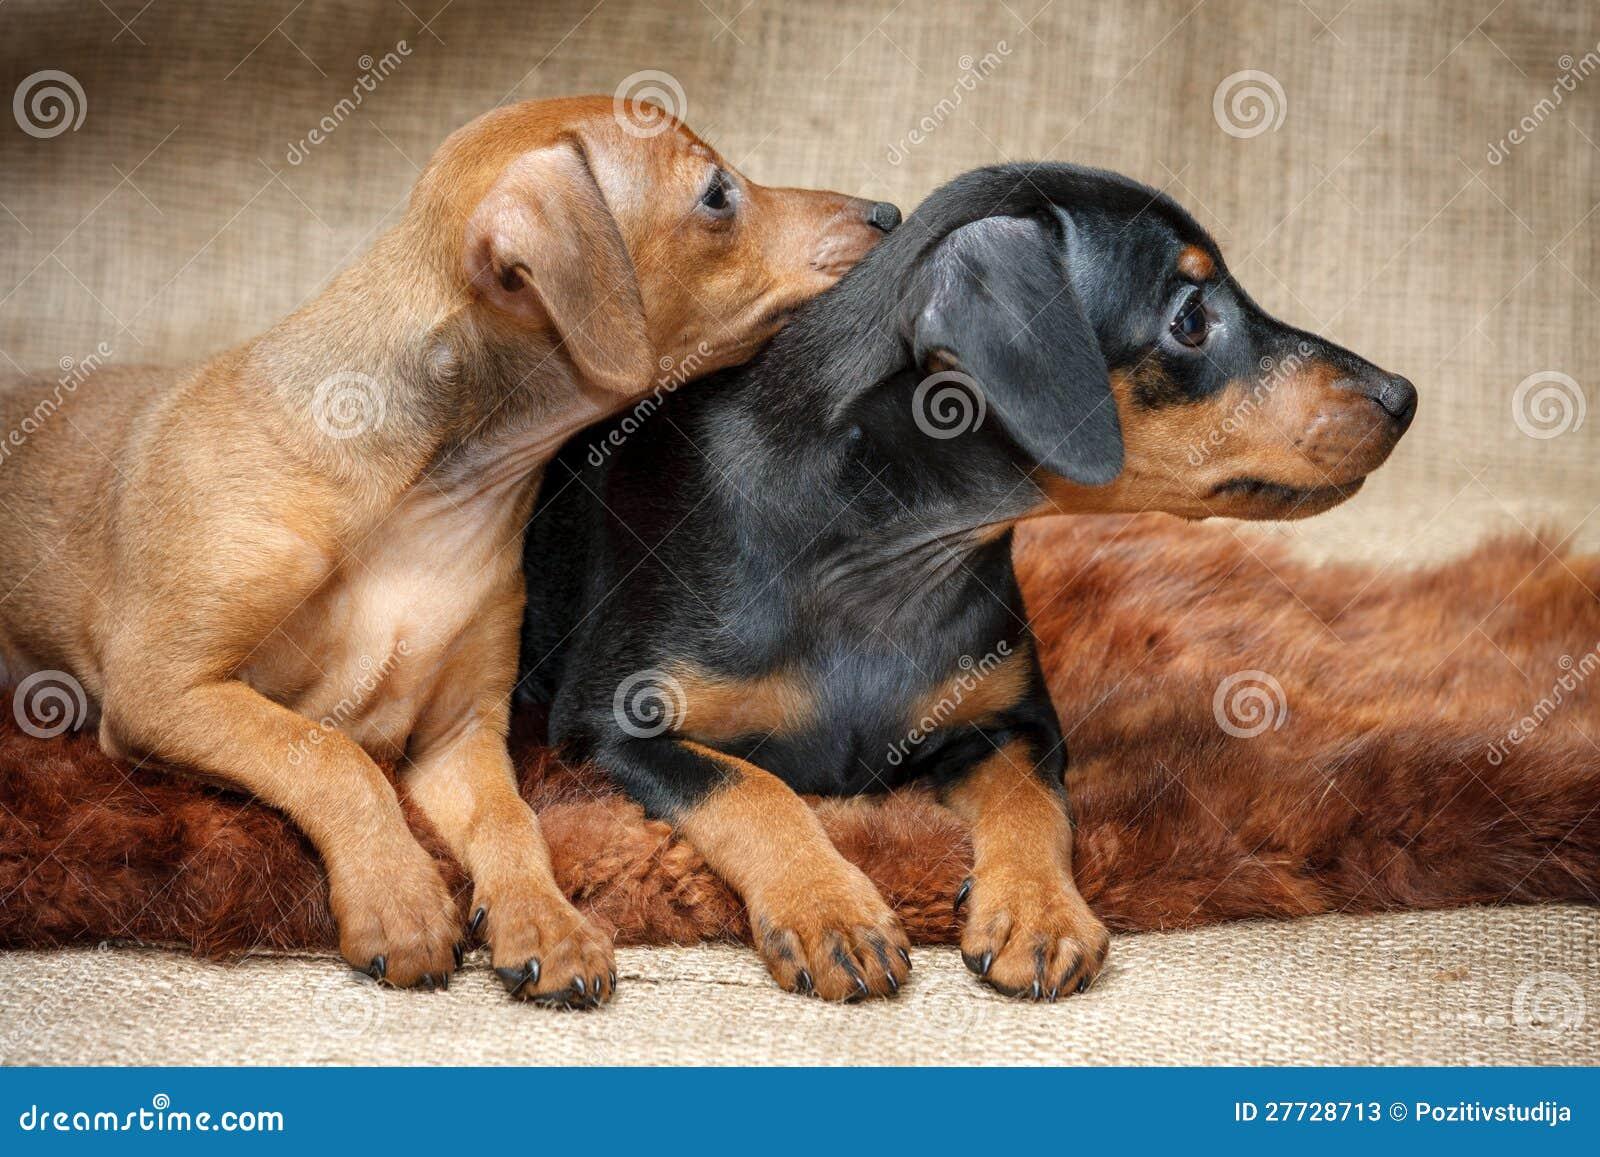 pin miniature pinscher pup - photo #27